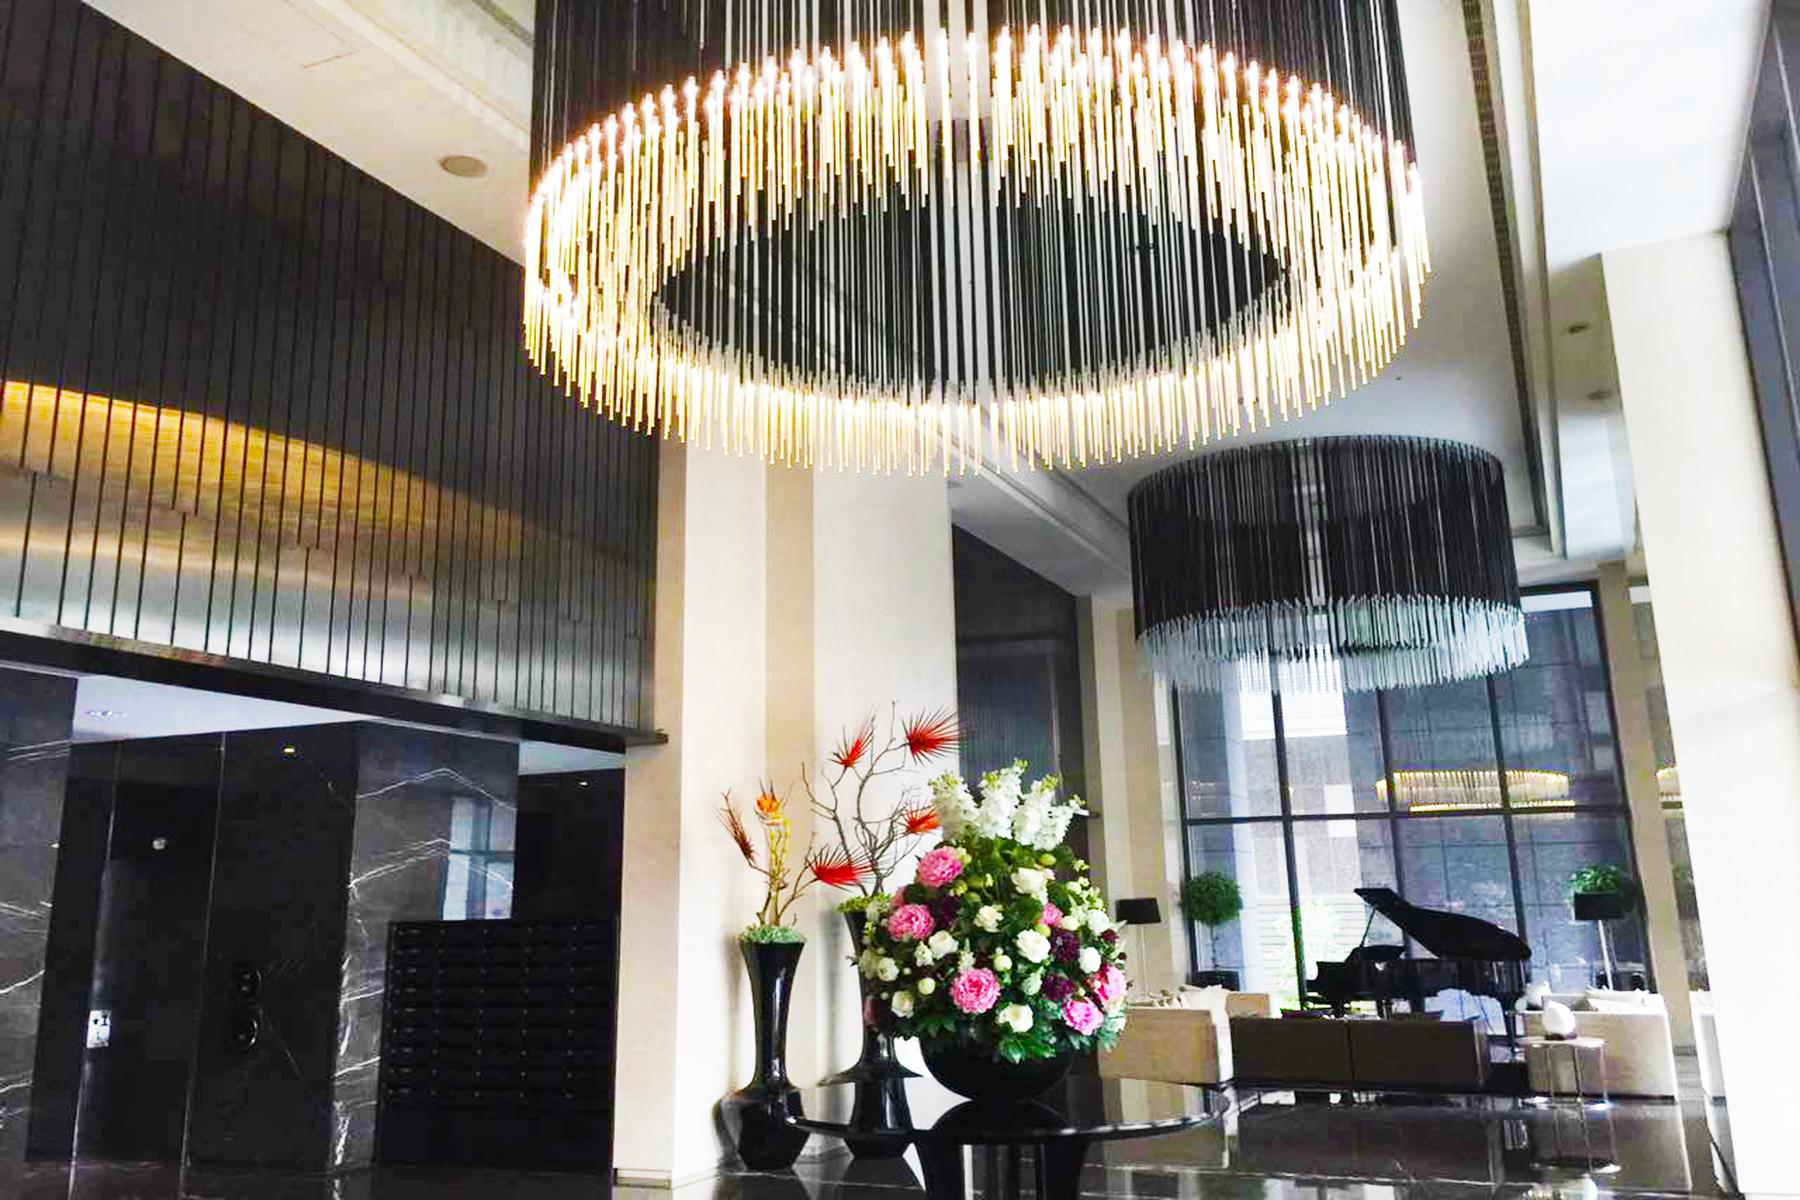 Condominio per Vendita alle ore Shizheng N. 1st Rd., Xitun Dist. Taichung City, 407 Taiwan